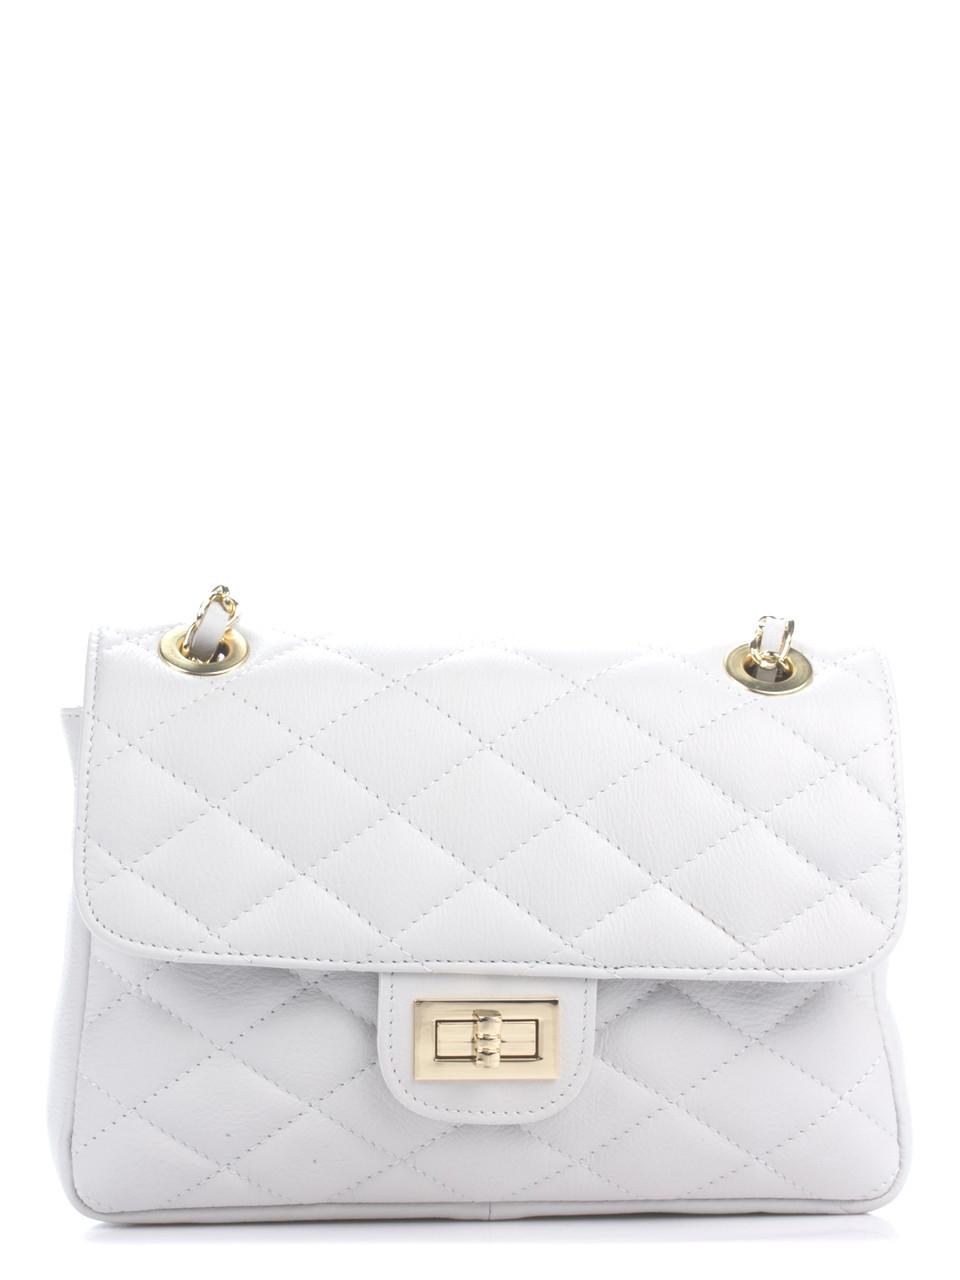 Женская кожаная сумка VALENTINA Diva's Bag цвет белый